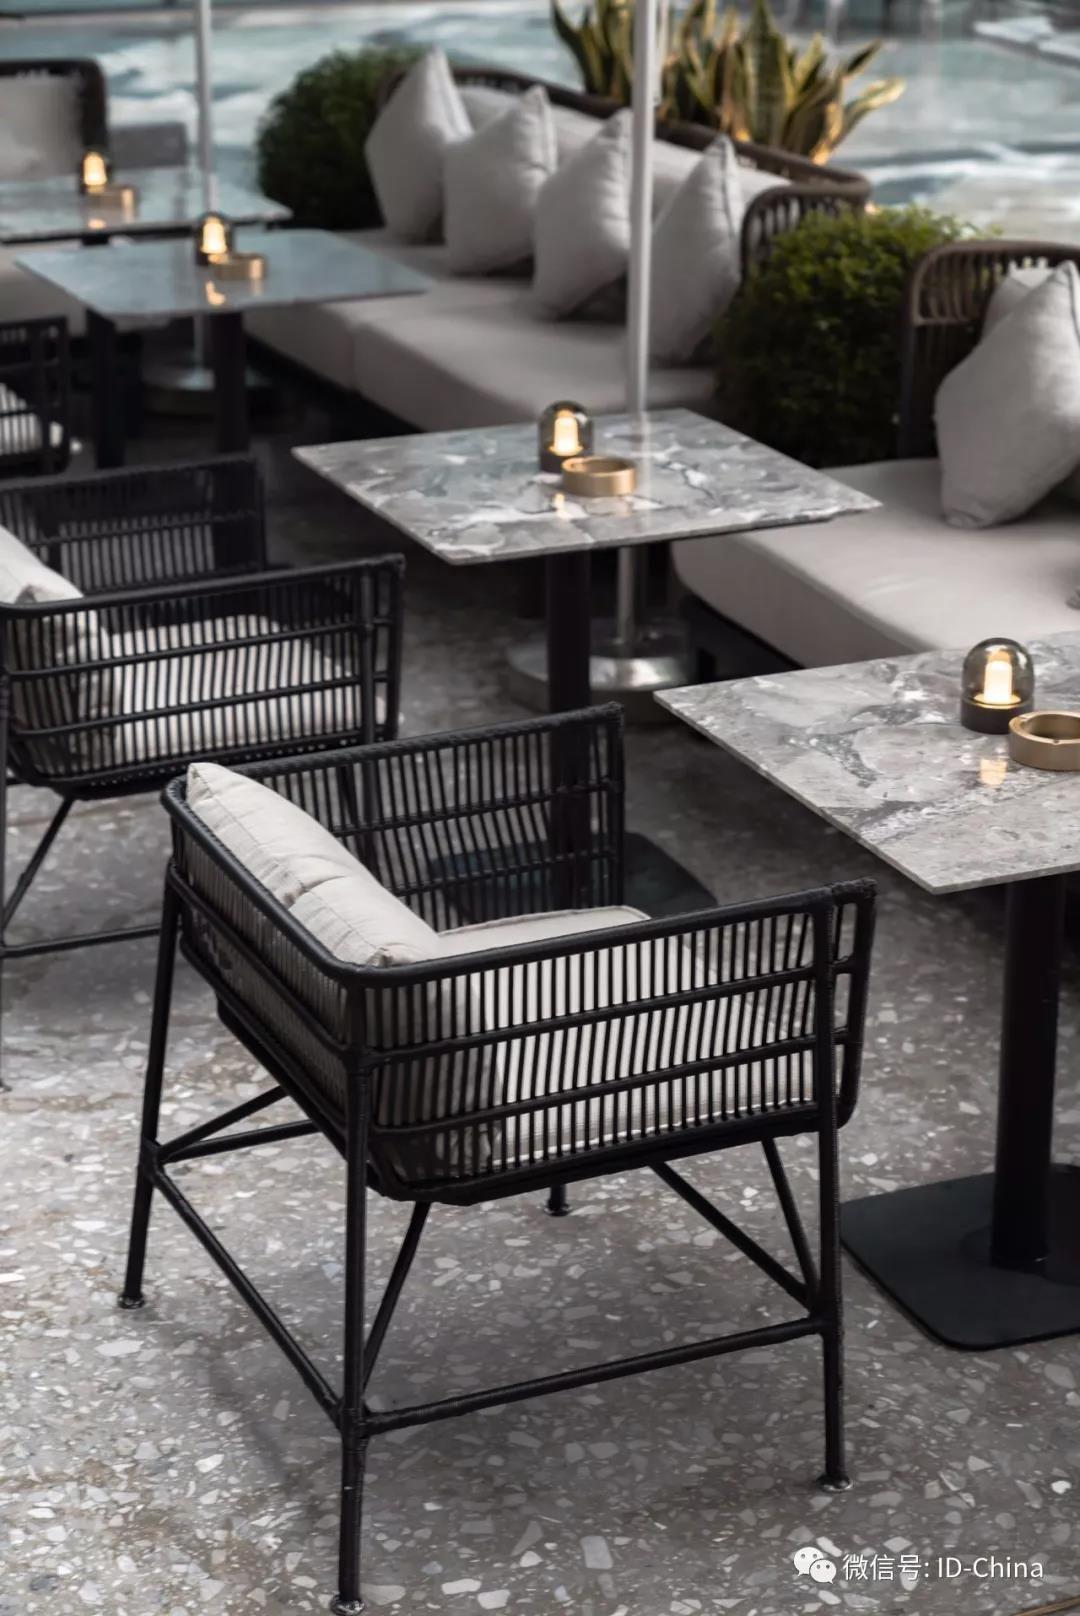 Feststuen En 2020 Interiores De Hoteles Diseno De Interiores Del Restaurante Interiores Del Restaurante